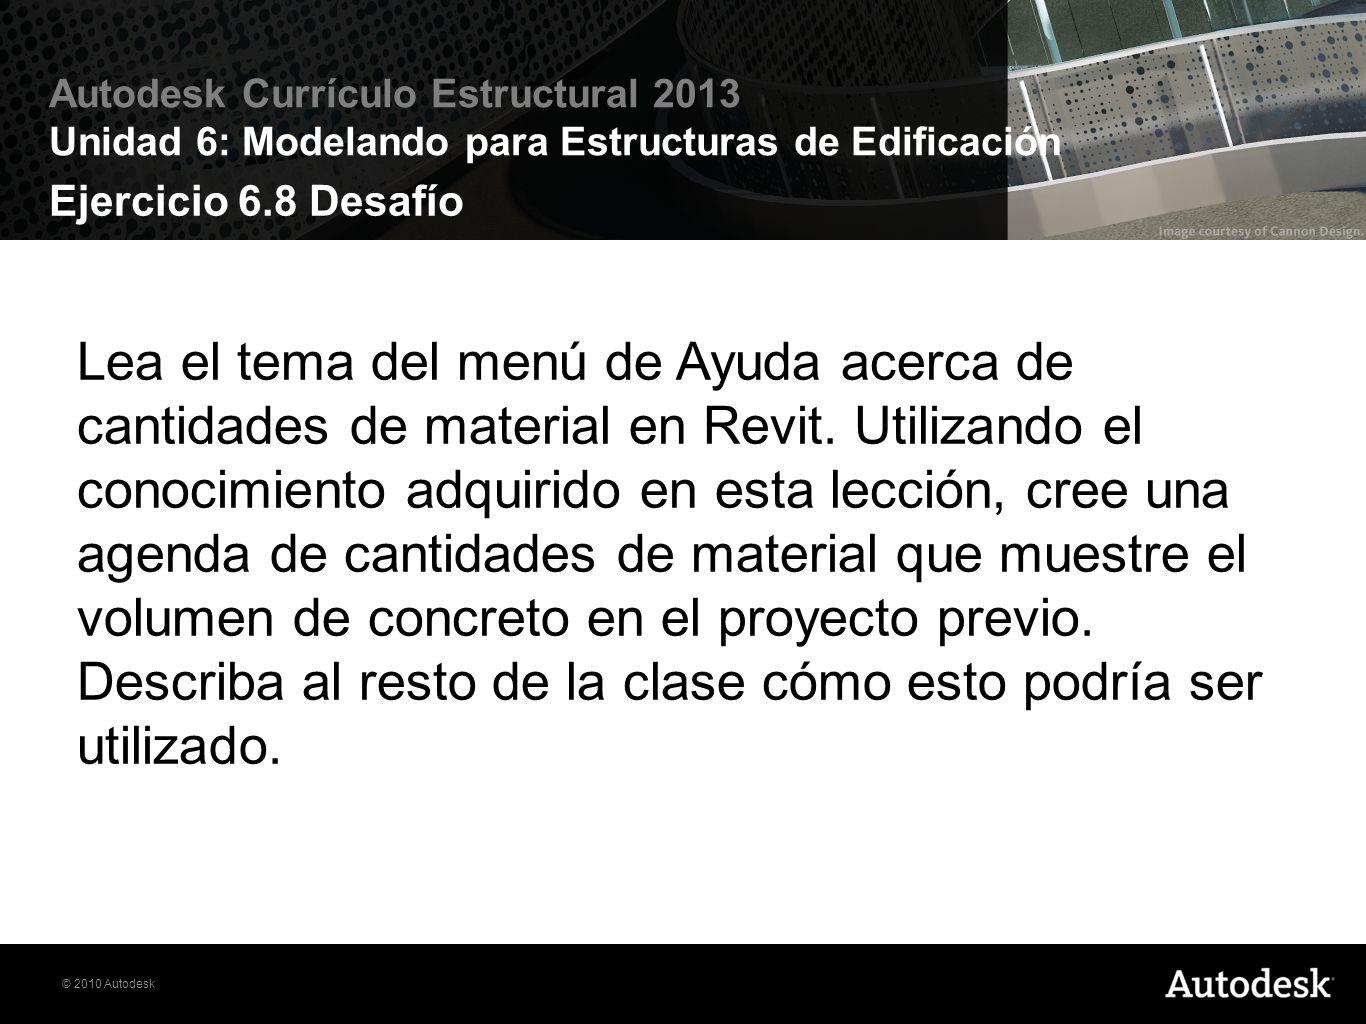 © 2010 Autodesk Autodesk Currículo Estructural 2013 Unidad 6: Modelando para Estructuras de Edificación Ejercicio 6.8 Desafío Lea el tema del menú de